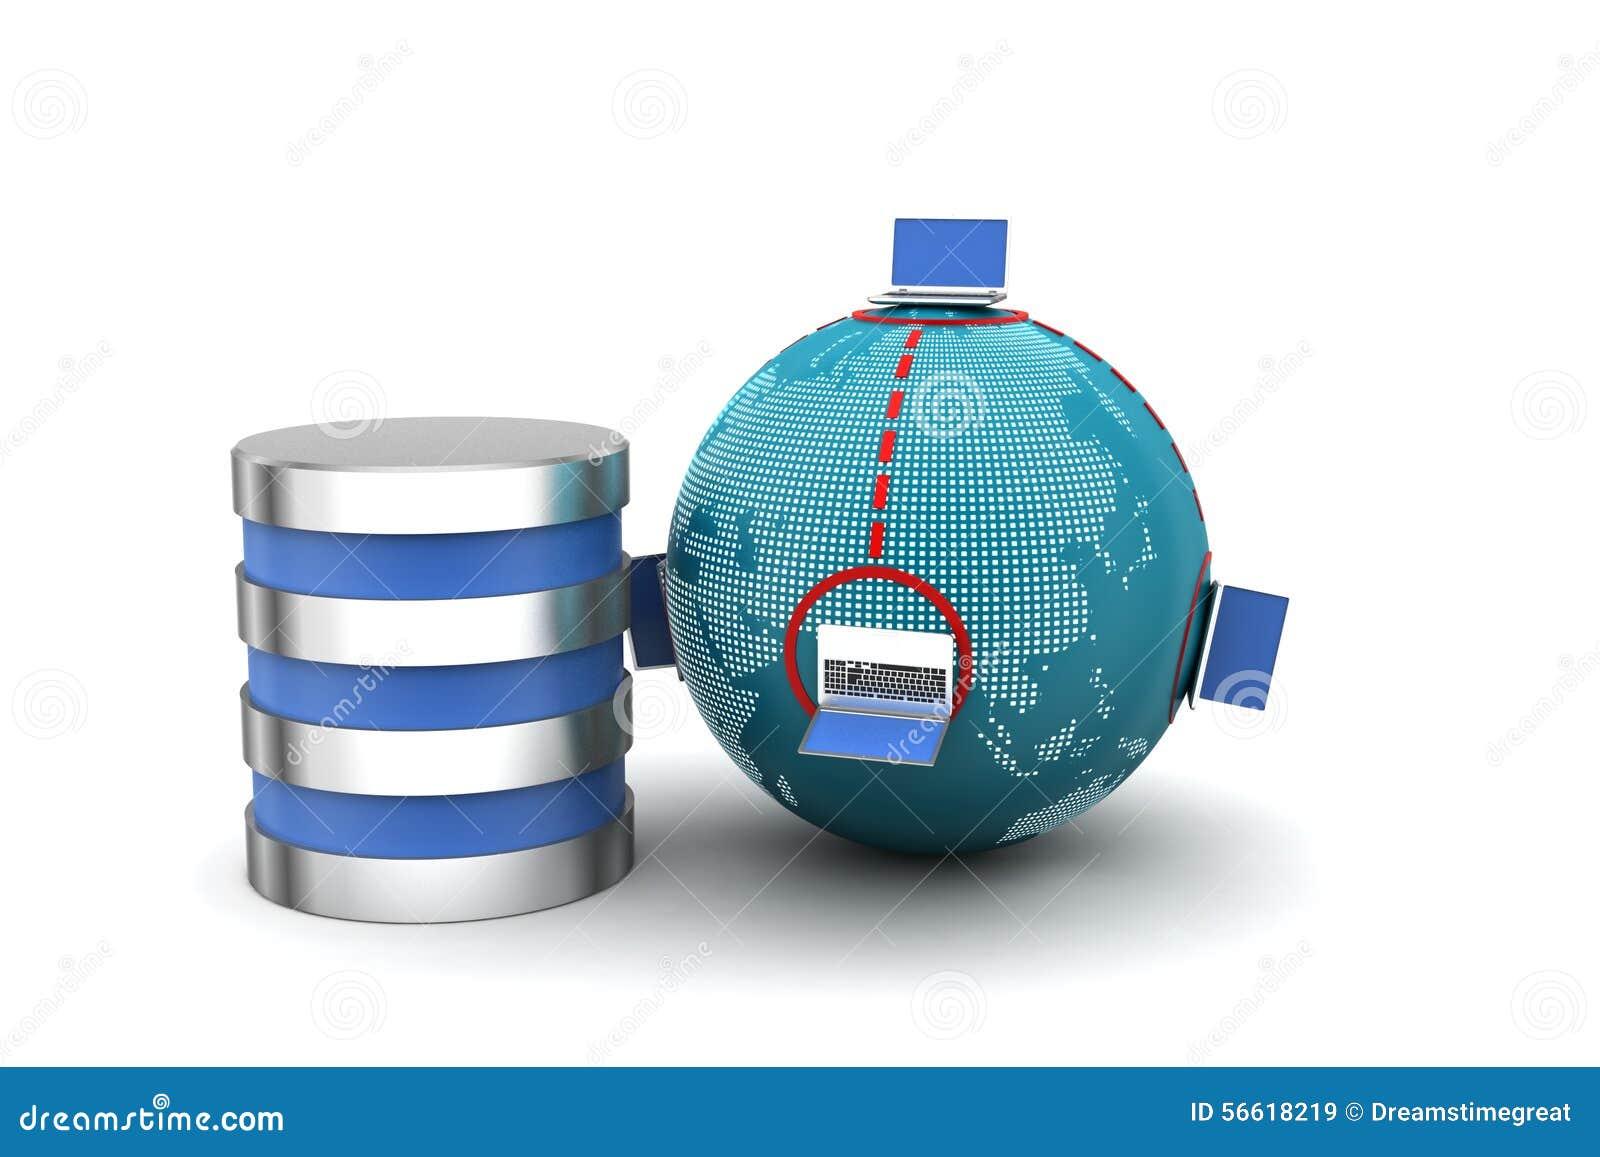 Globaal voorzien van een netwerkconcept stock illustratie afbeelding 56618219 - Een wasruimte voorzien ...